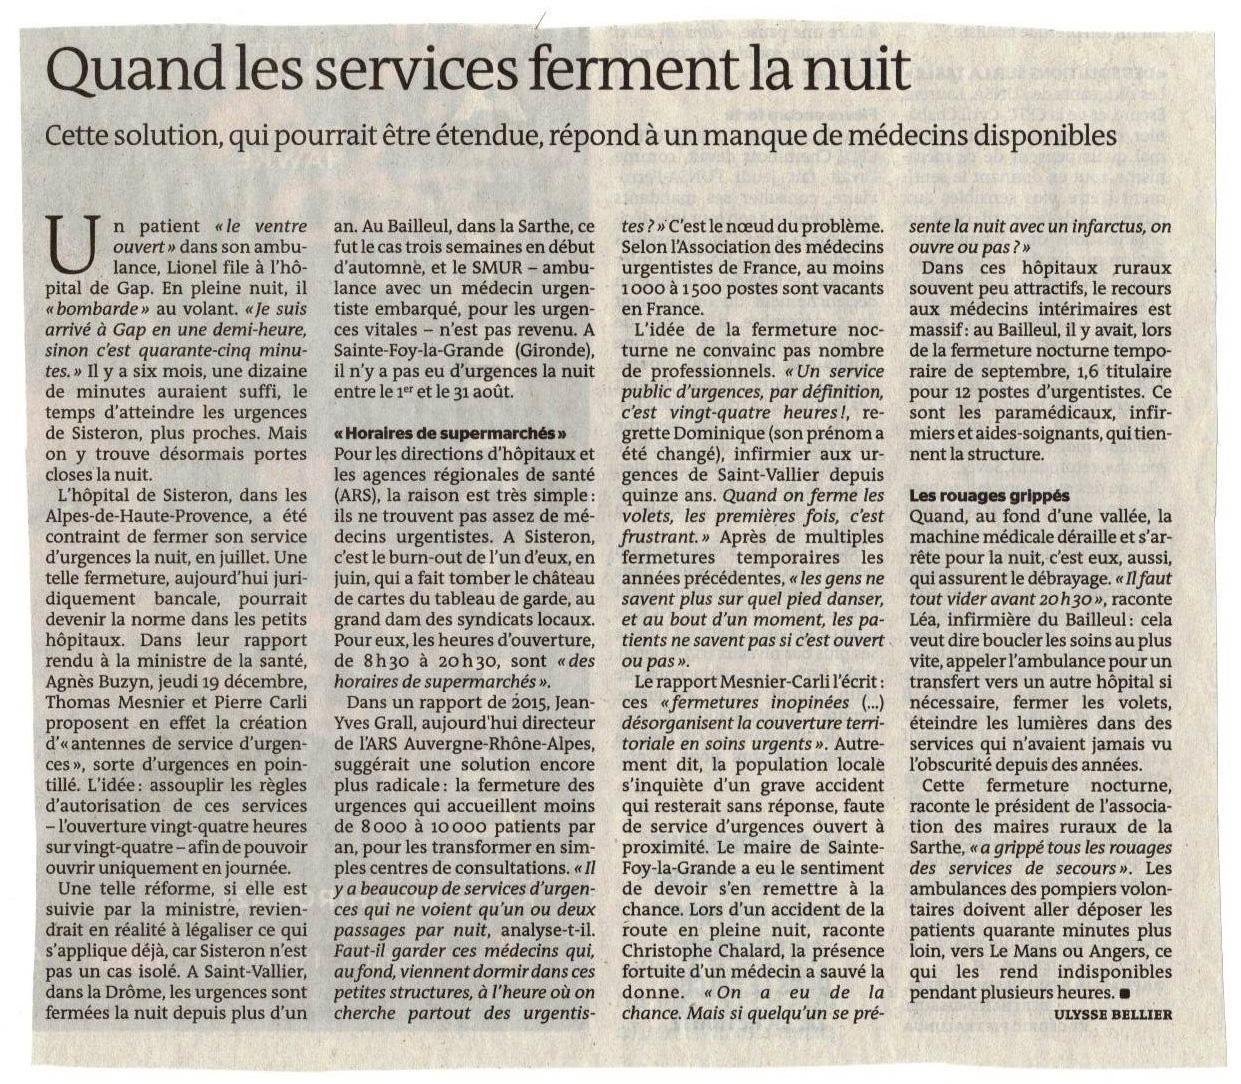 Article du Monde du 21 décembre 2019